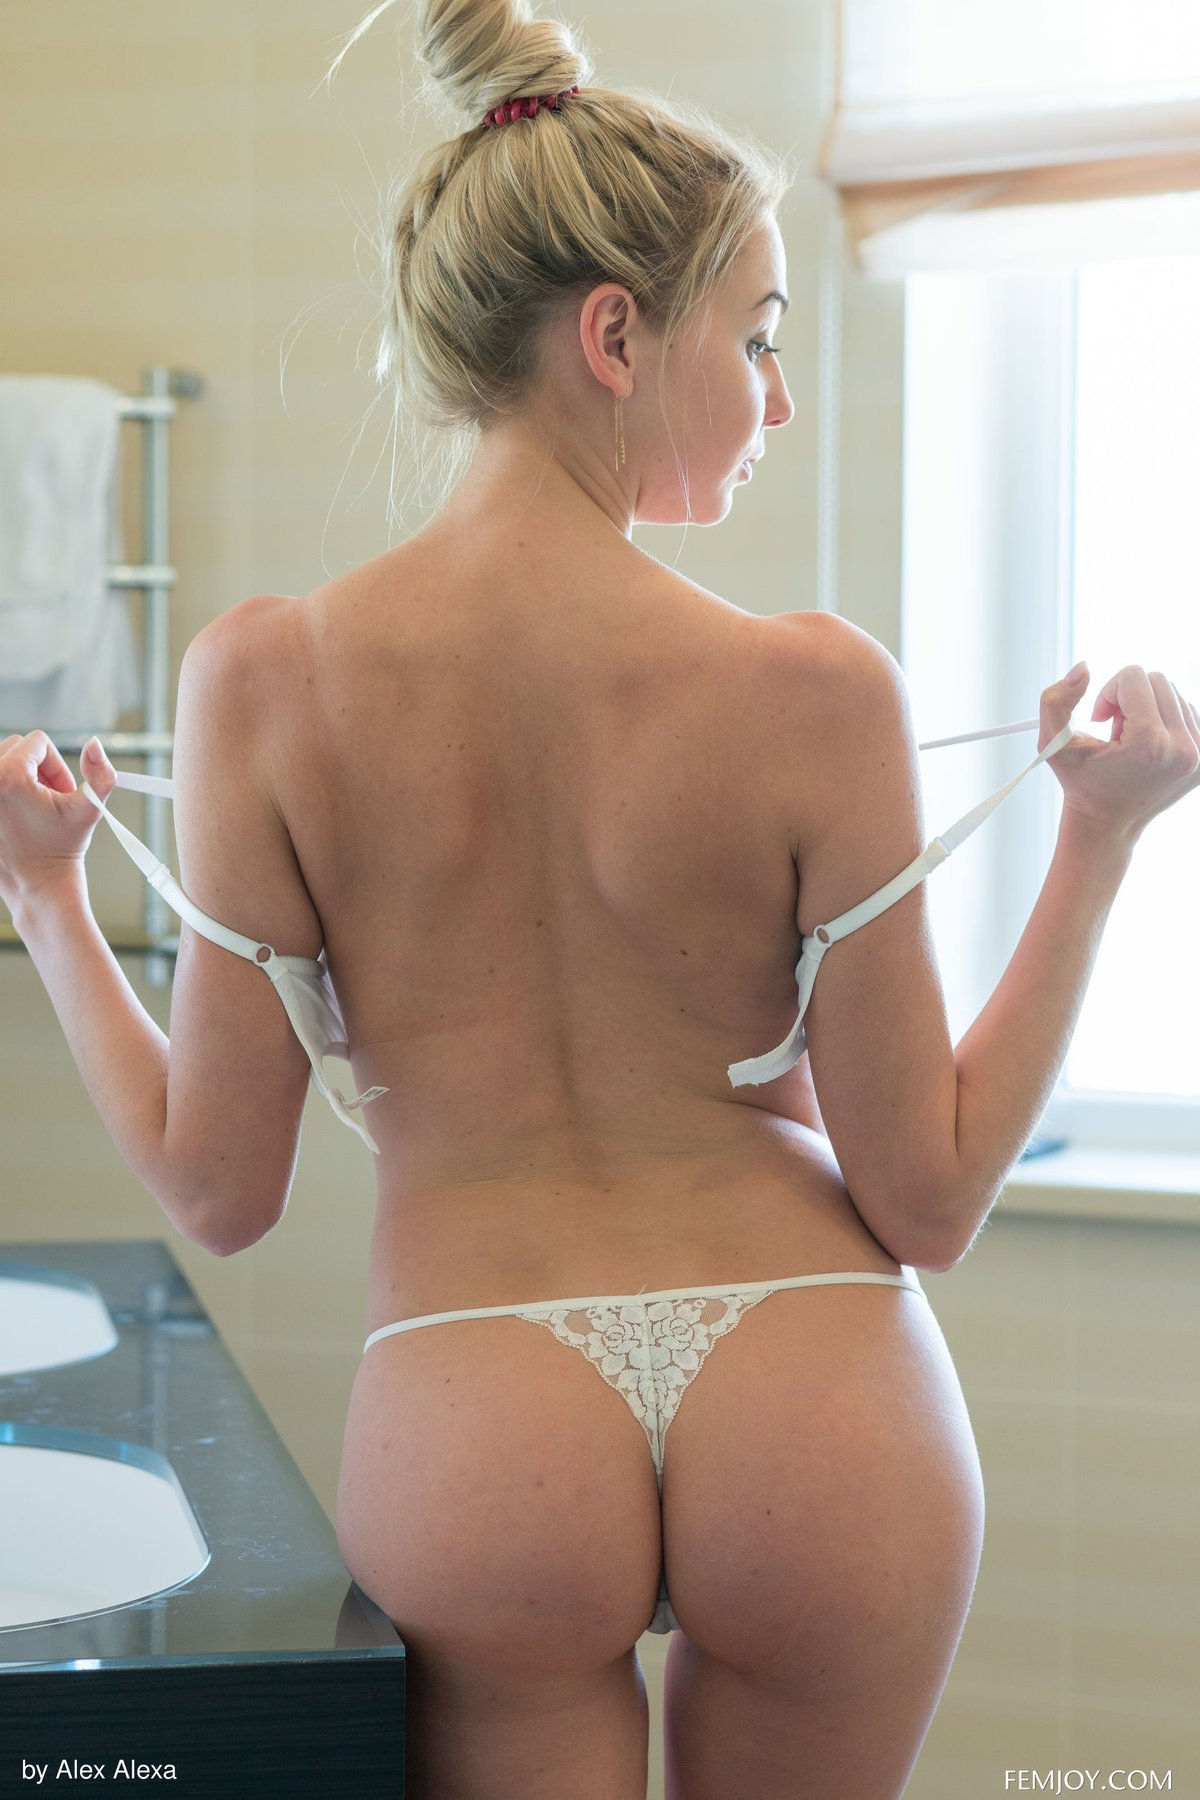 Голая блондинка мочит красивую попку в ванне